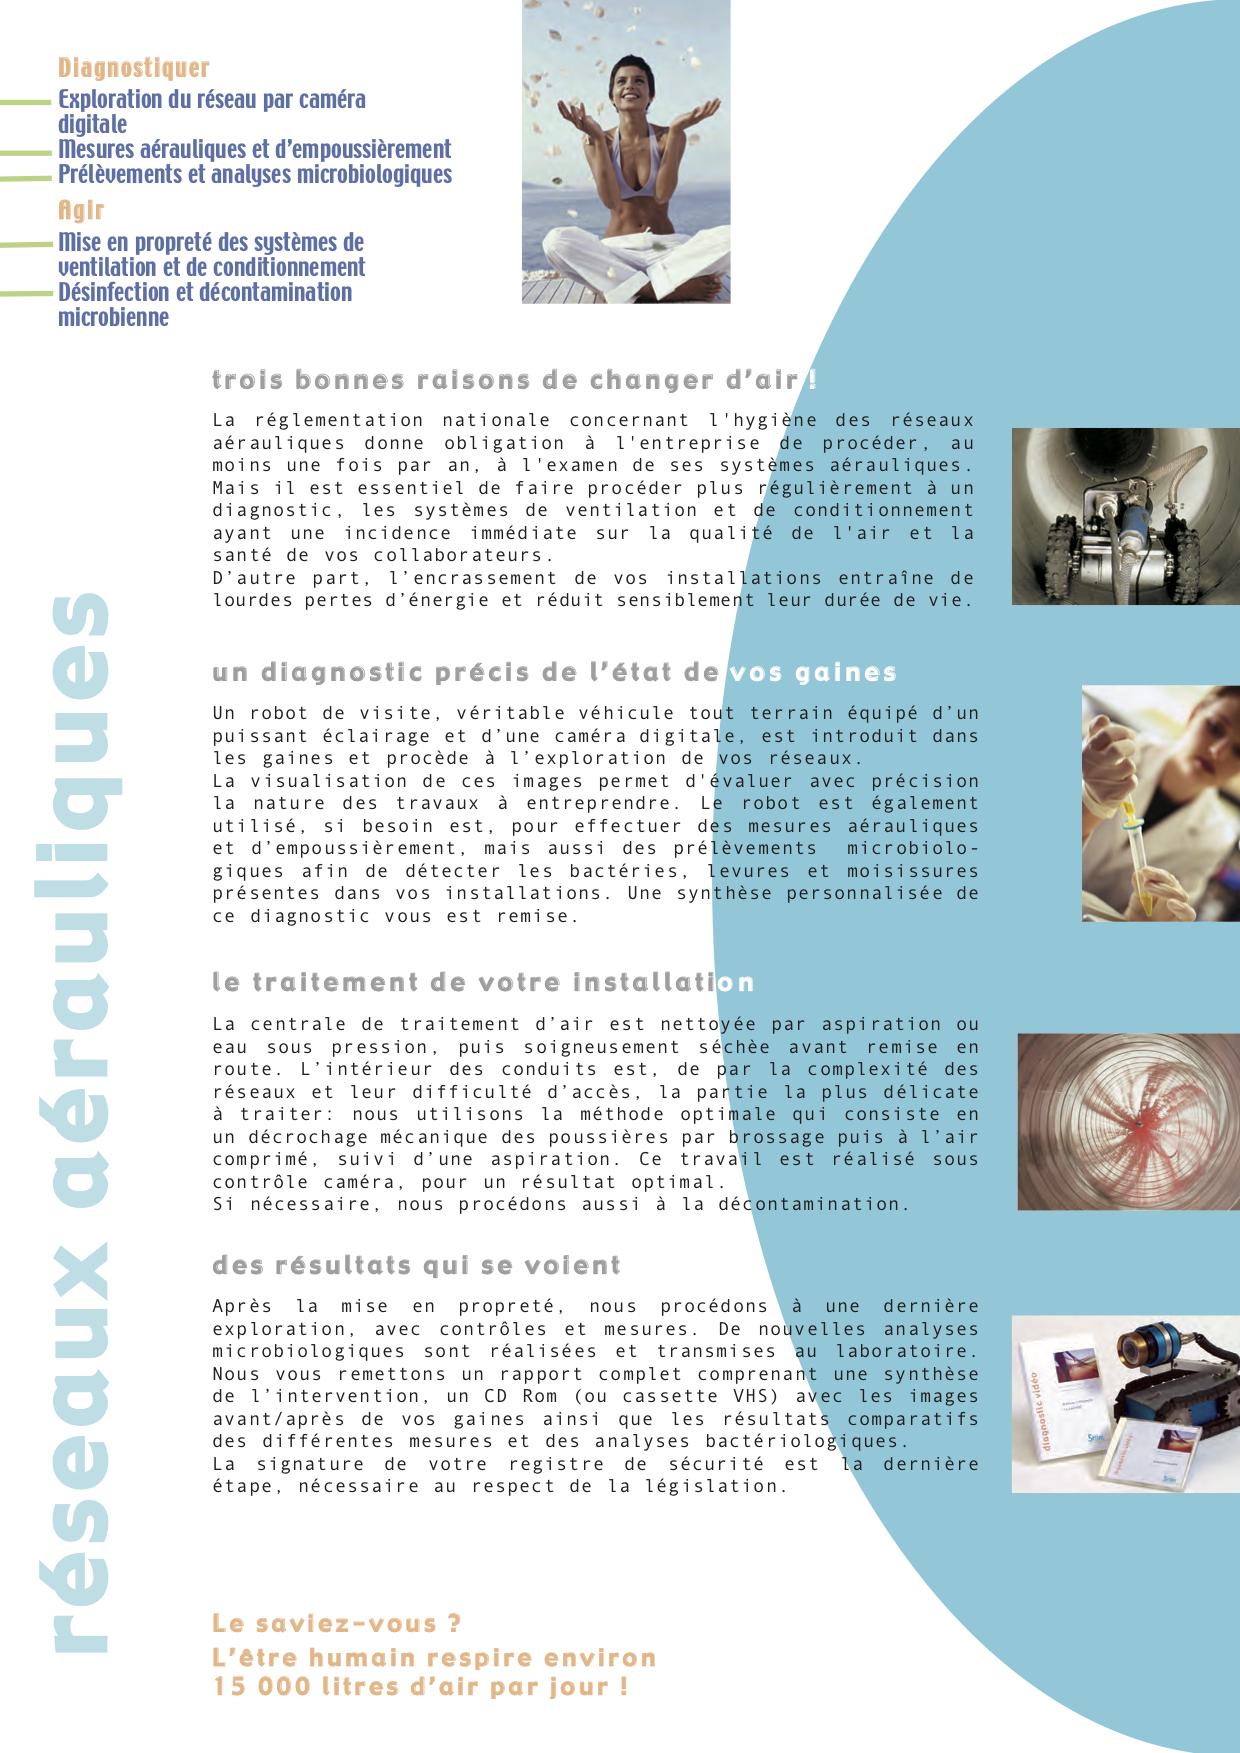 reglementation-reseaux-aerauliques-page1